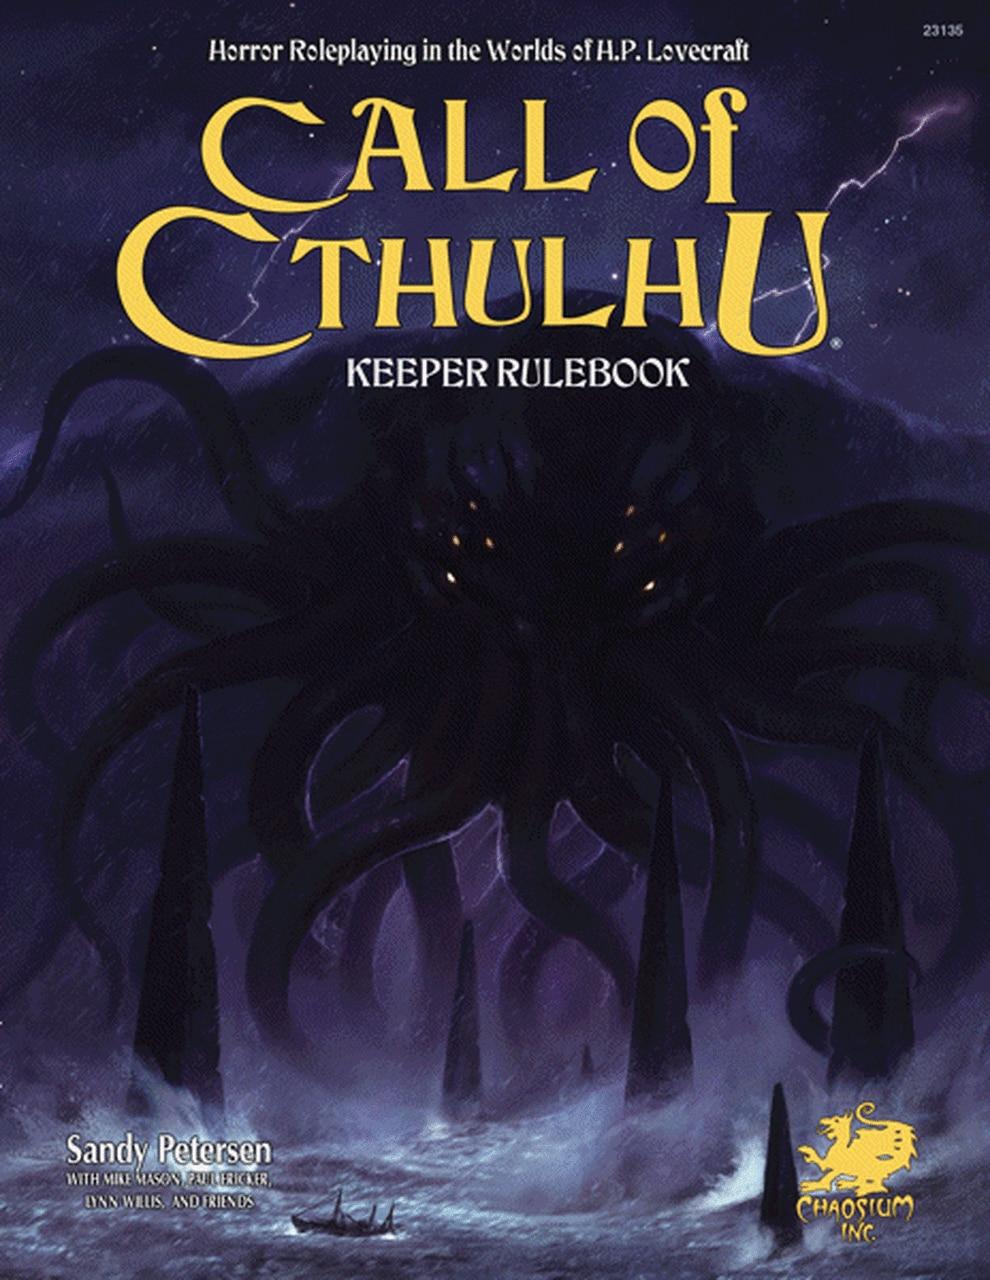 Call Of Cthulhu Keeper Rulebook